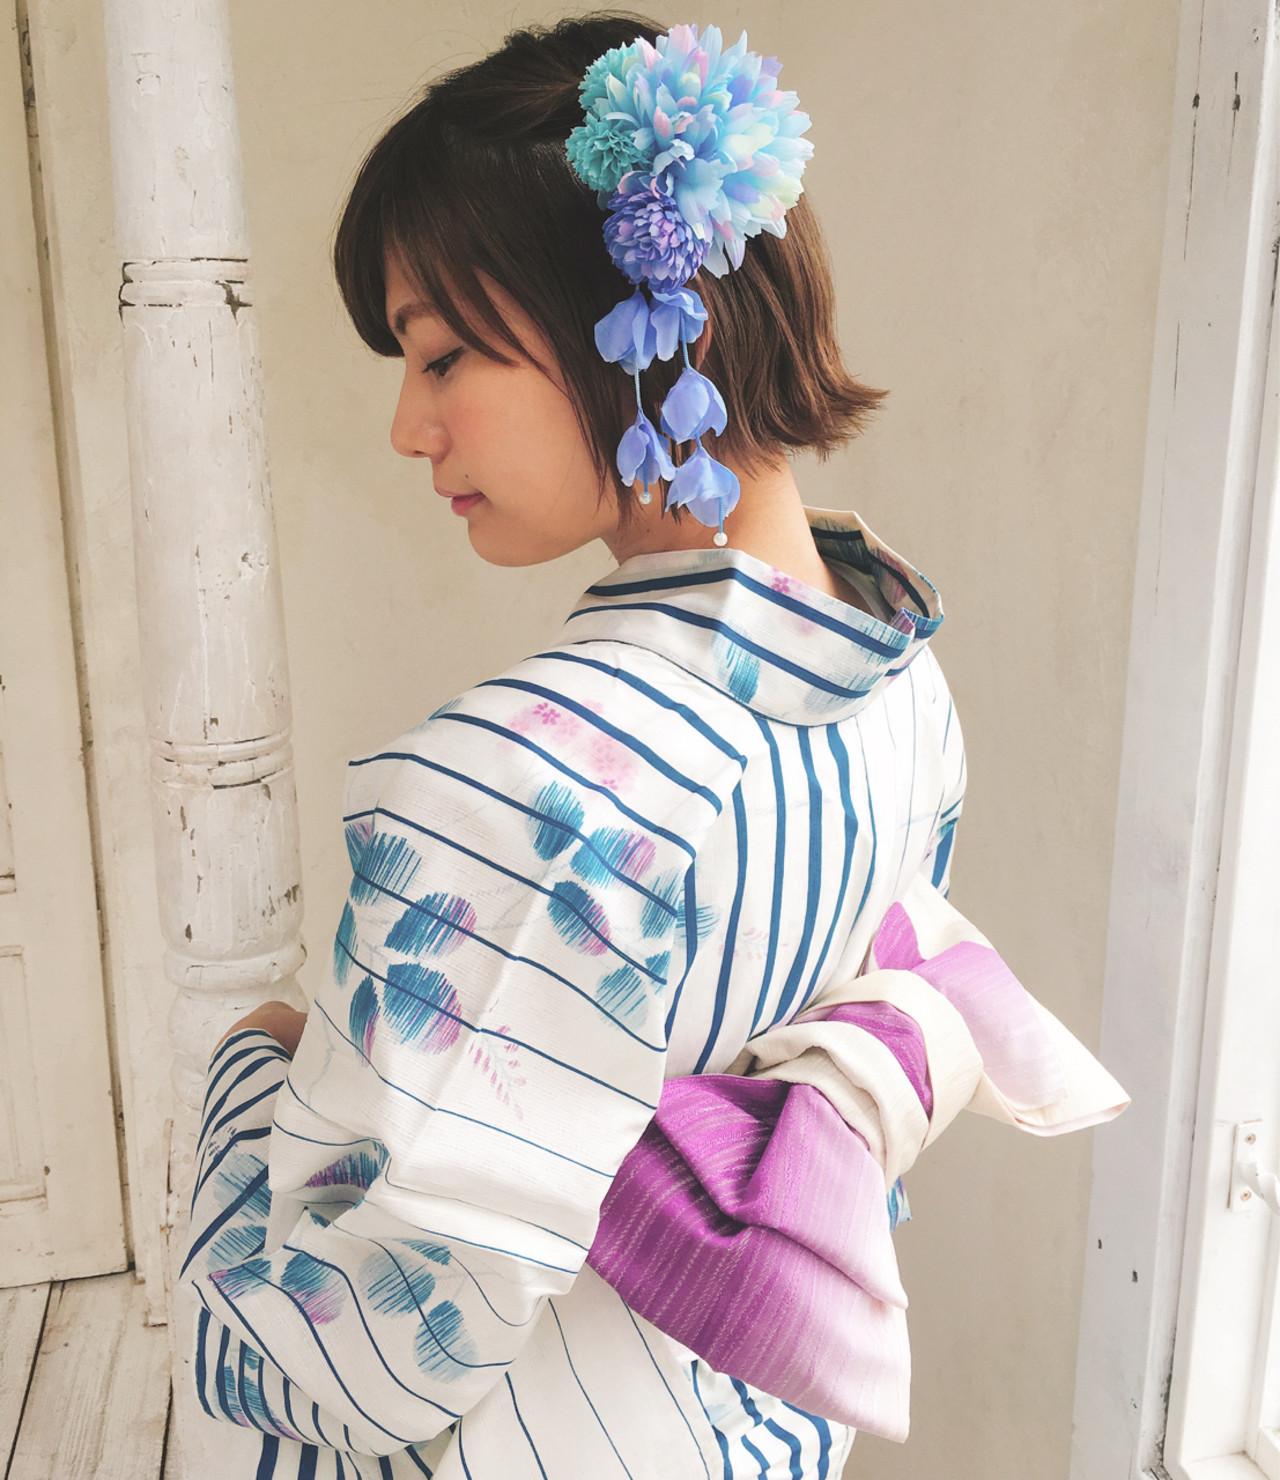 ゆれる髪飾りで女らしさをプラス 石川 瑠利子